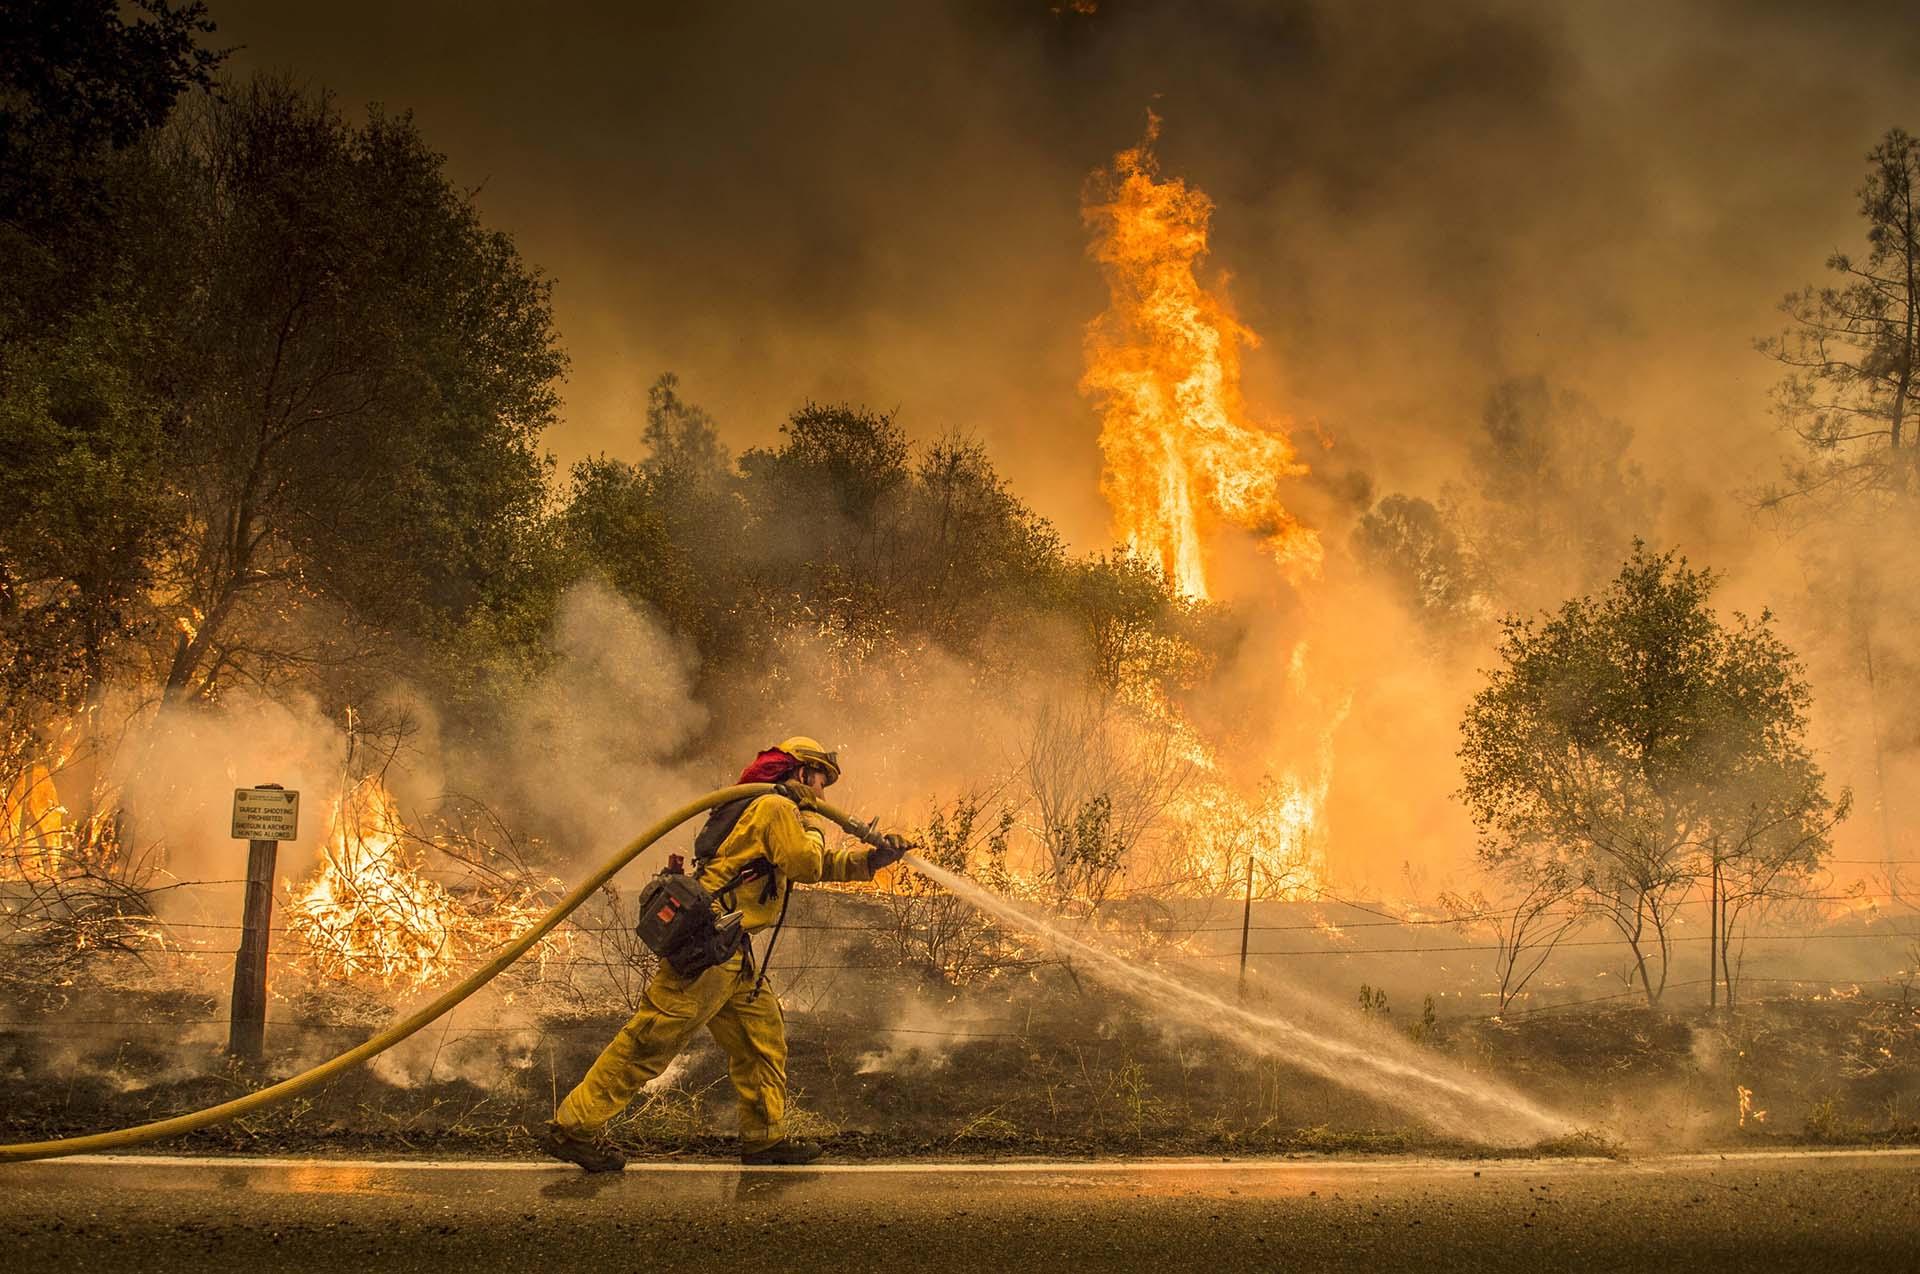 Impulsado por las altas temperaturas y el ambiente seco del verano californiano, el fuego provocó que las autoridades ordenaran la evacuación de varias áreas de los condados de Mendocino, Lake y Colusa